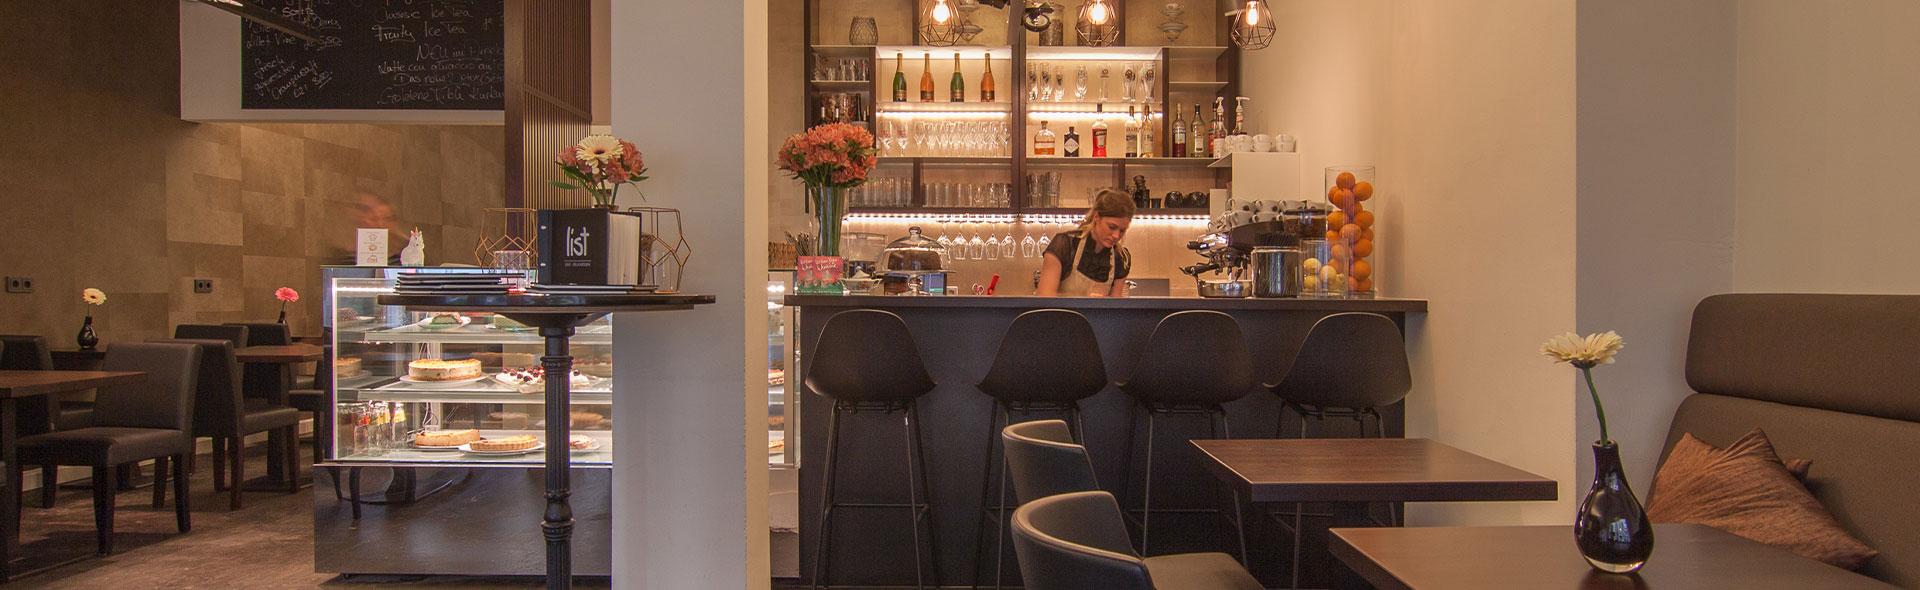 Cafe List schöne Gastronomie